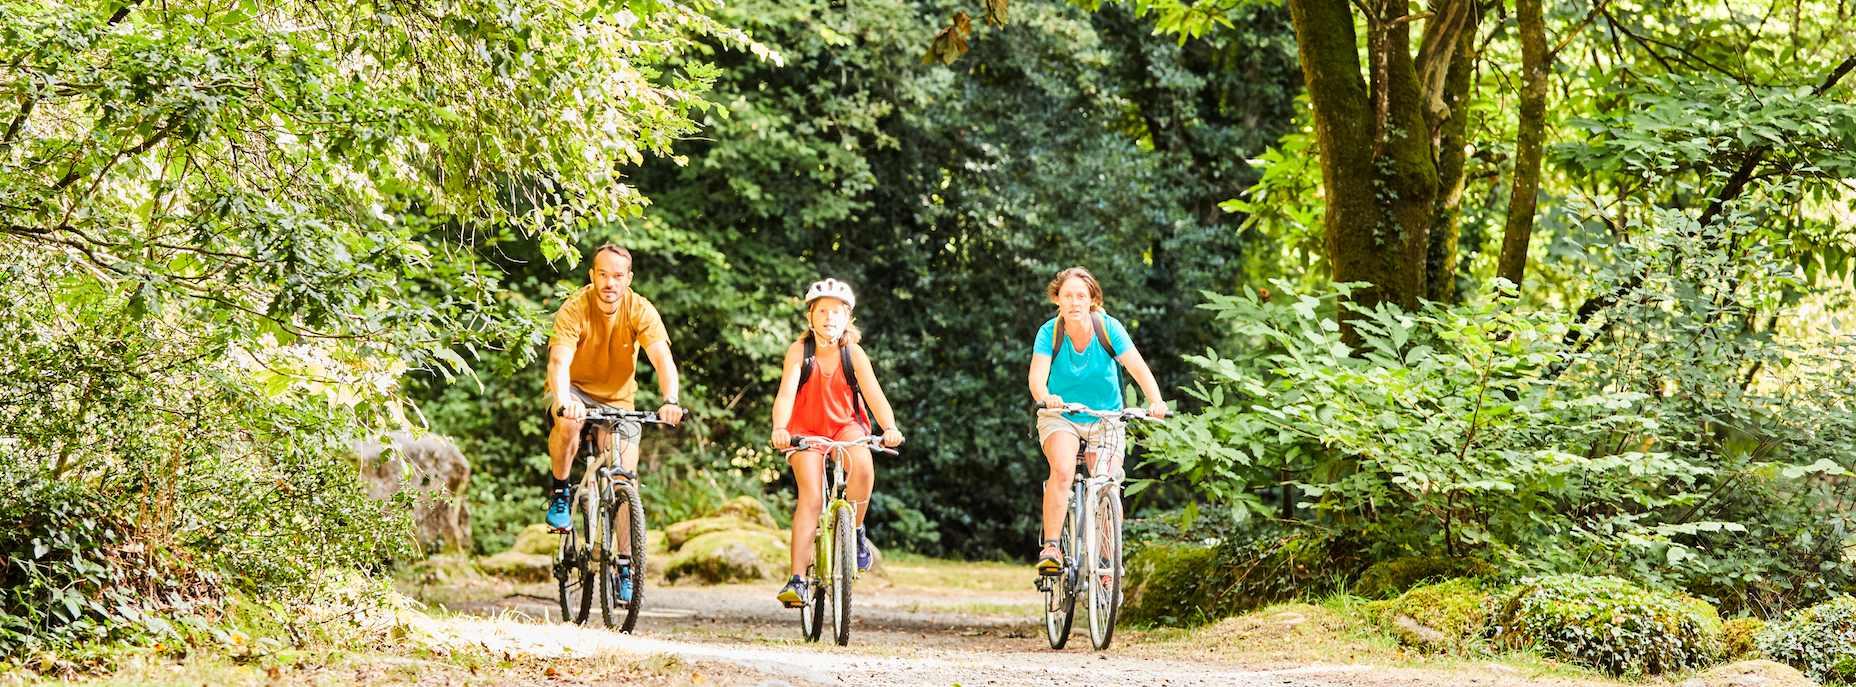 La véloroute voie verte n°7 - itinéraire Roscoff-Morlaix